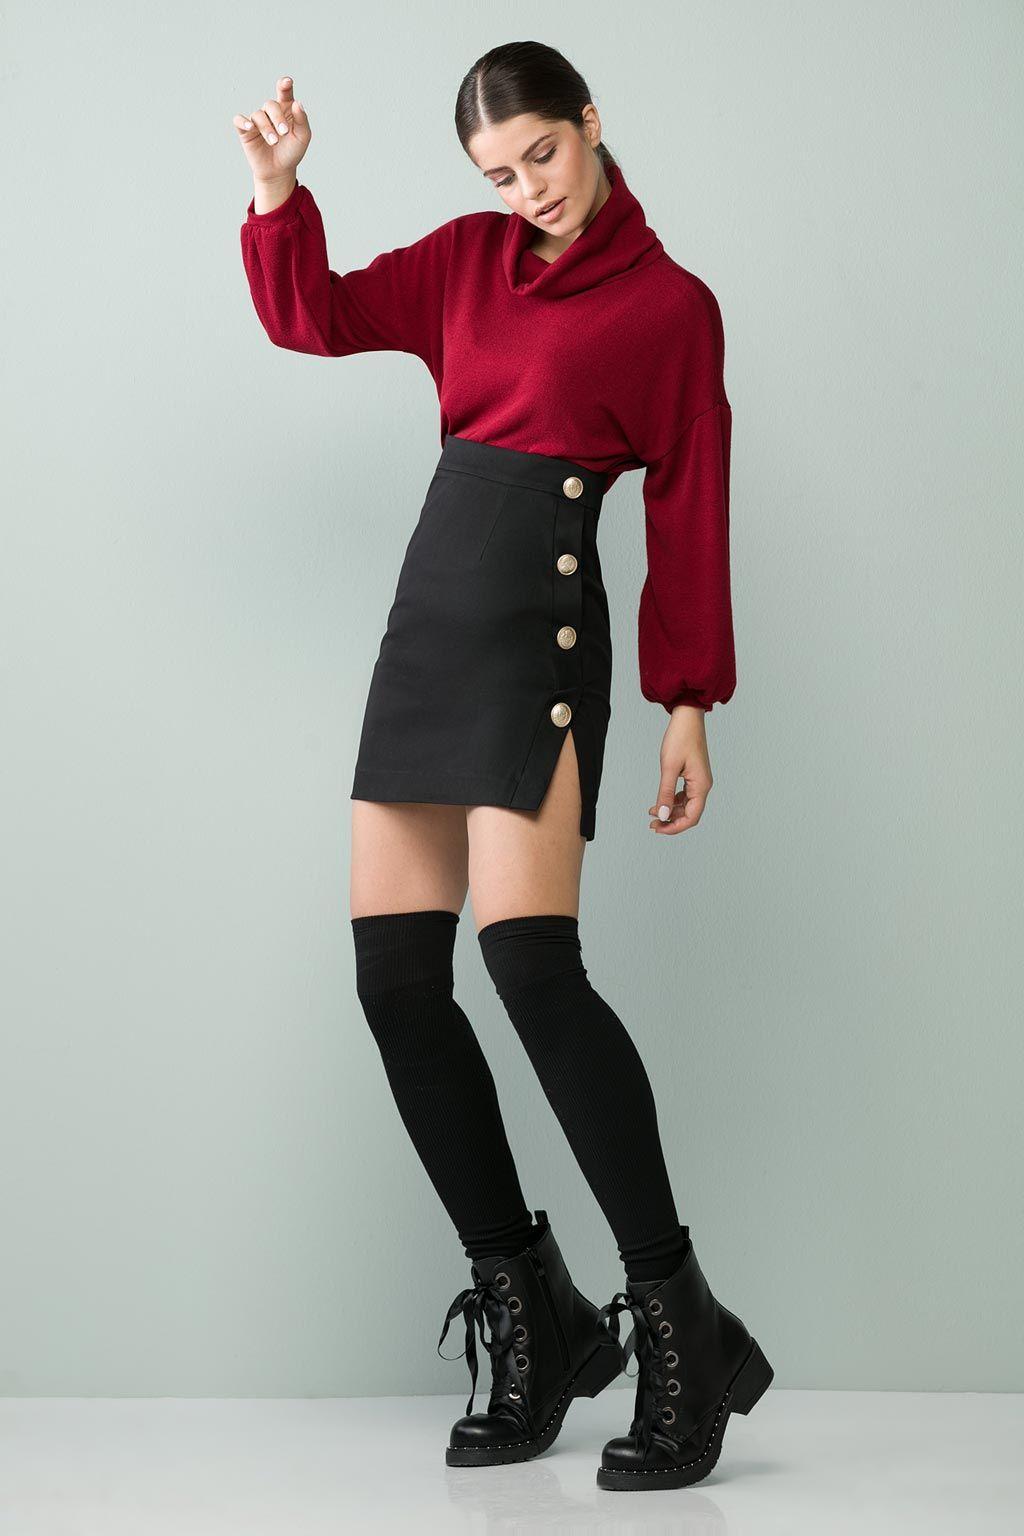 787a9aa6faf4 Γυναικεία Ρούχα | Φθηνά | Προσφορές | Online | Μοντέρνα | anel fashion